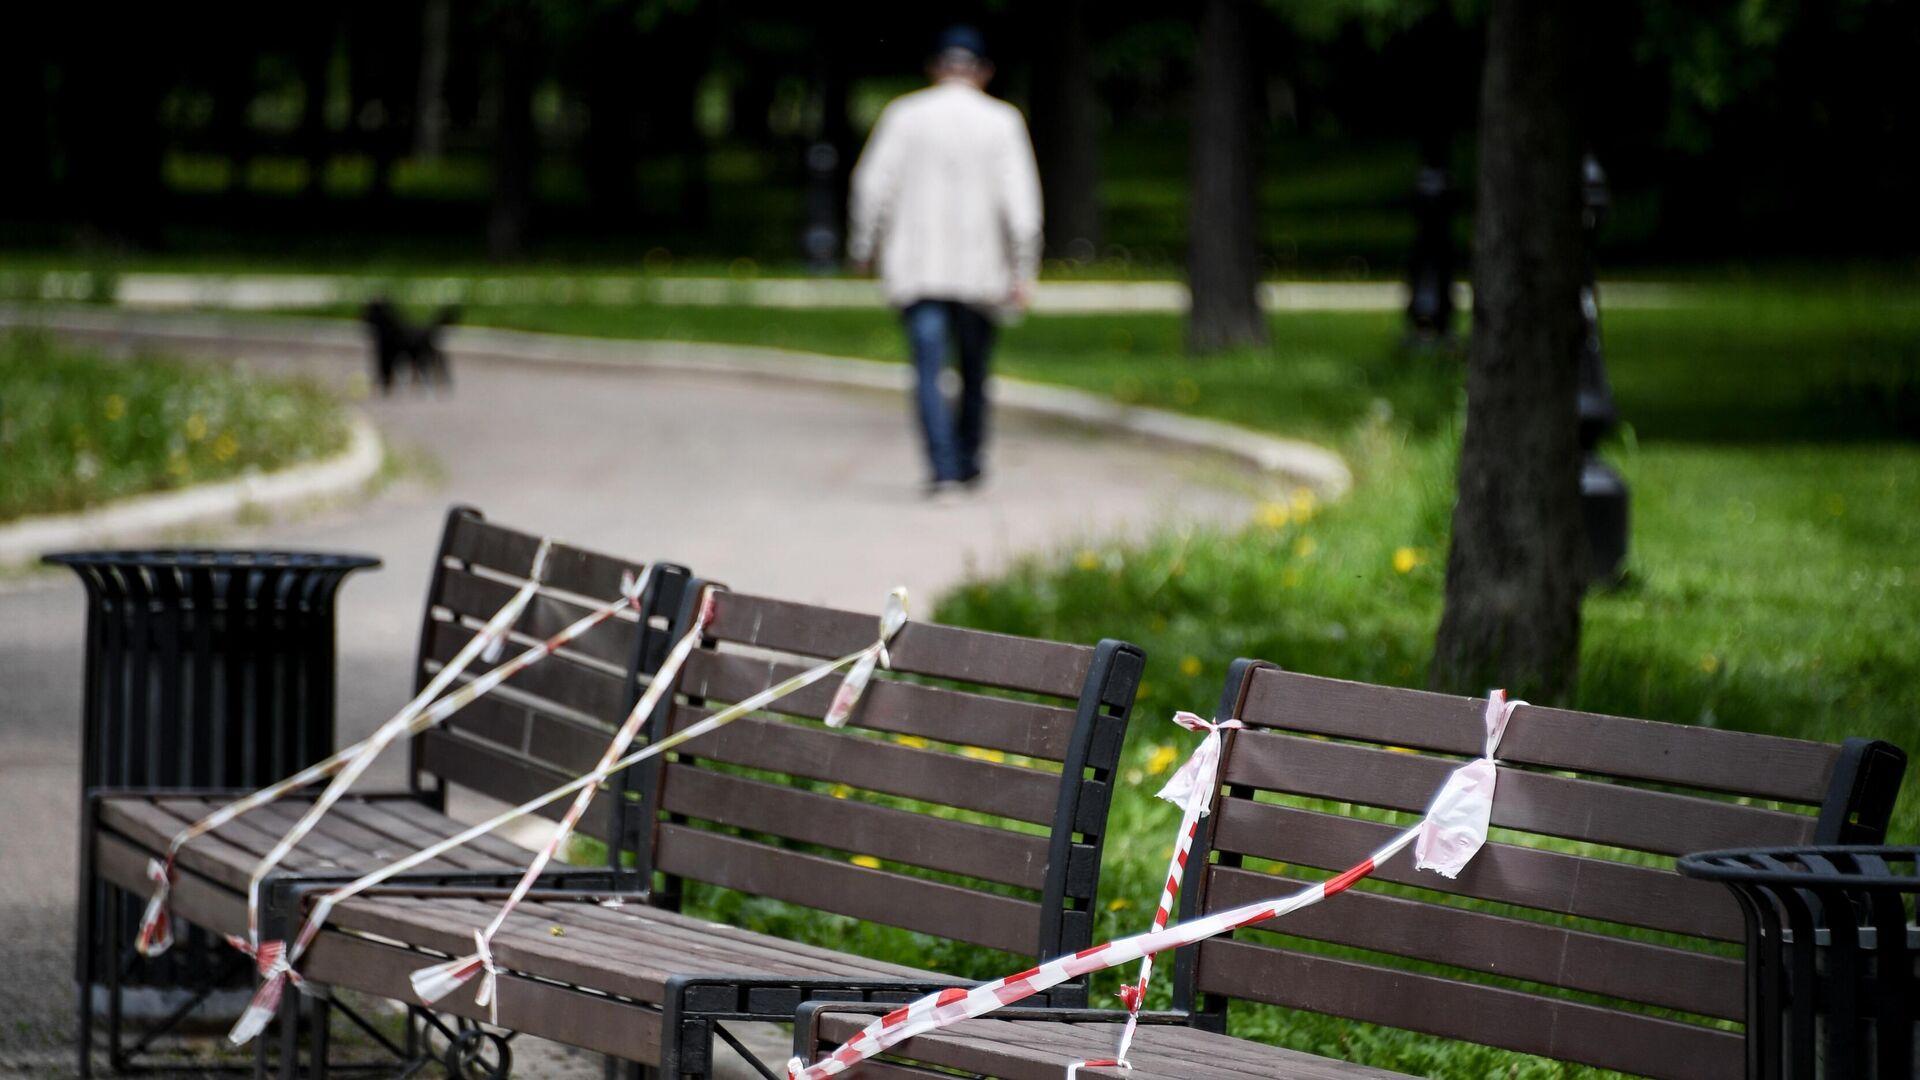 Ограничительные ленты на скамейках в парке - РИА Новости, 1920, 13.06.2021